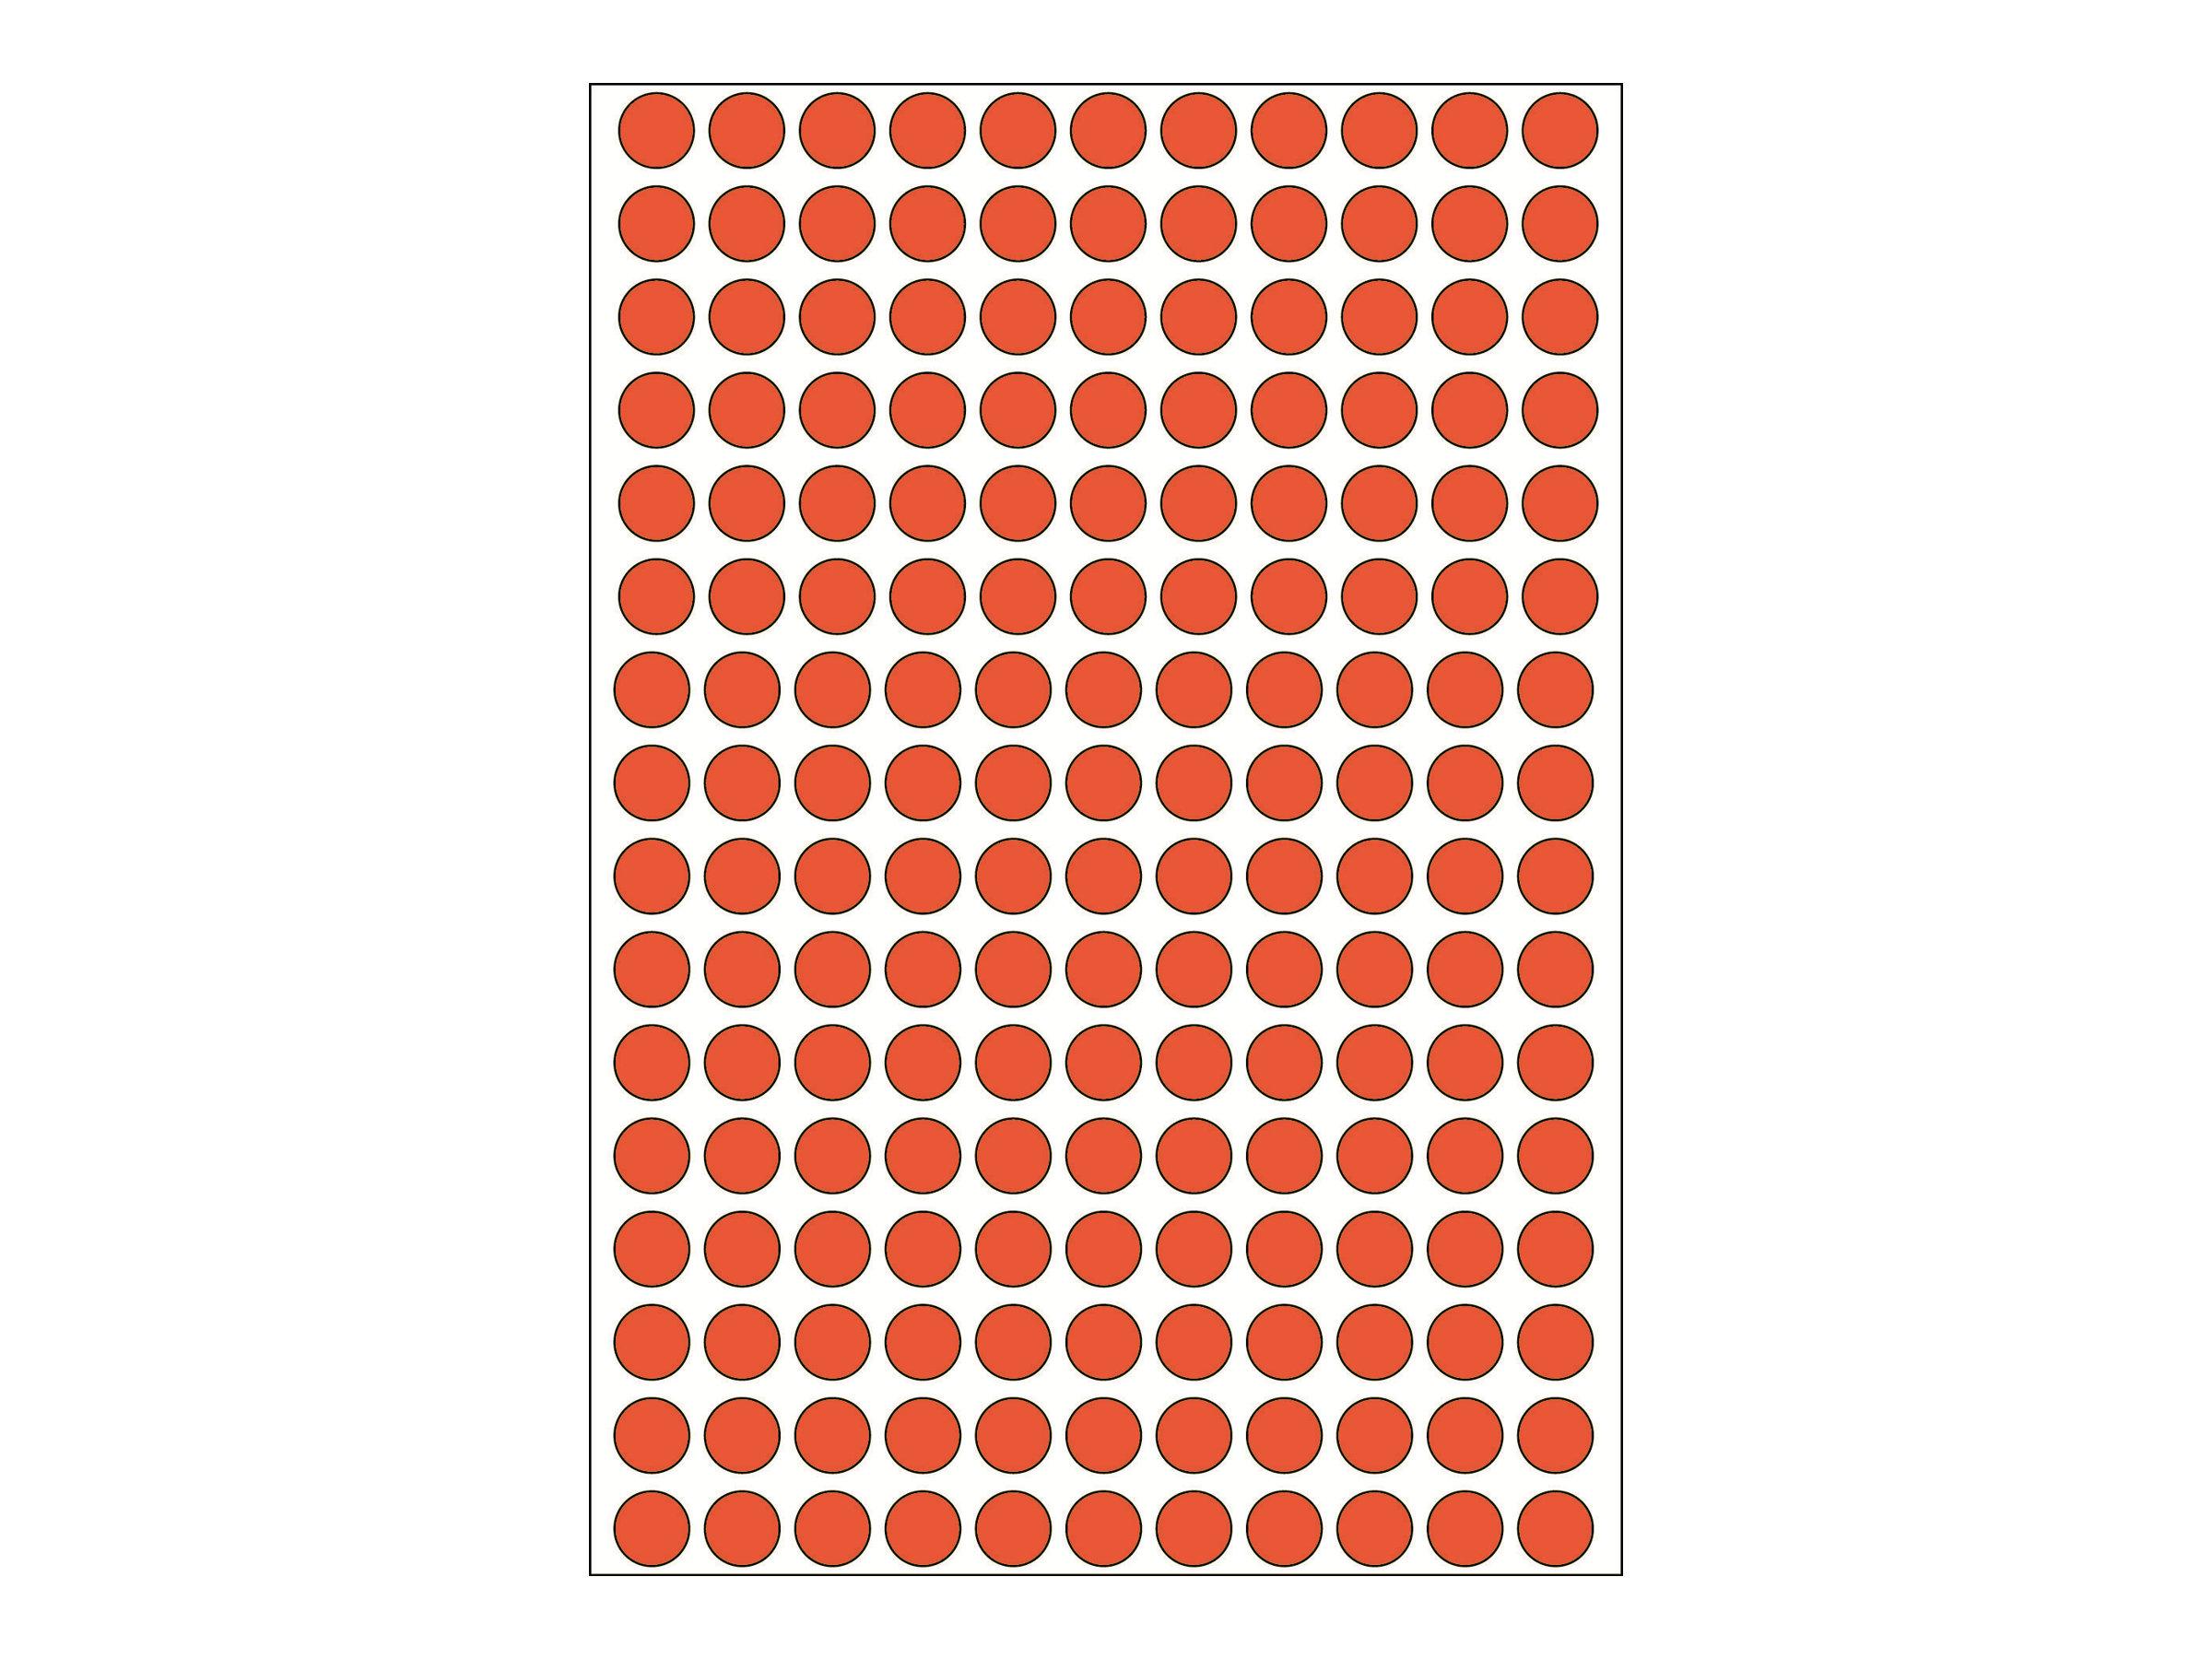 HERMA Permanenter Klebstoff - Rot - 8 mm rund 5632 Etikett(en) (32 Bogen x 176)